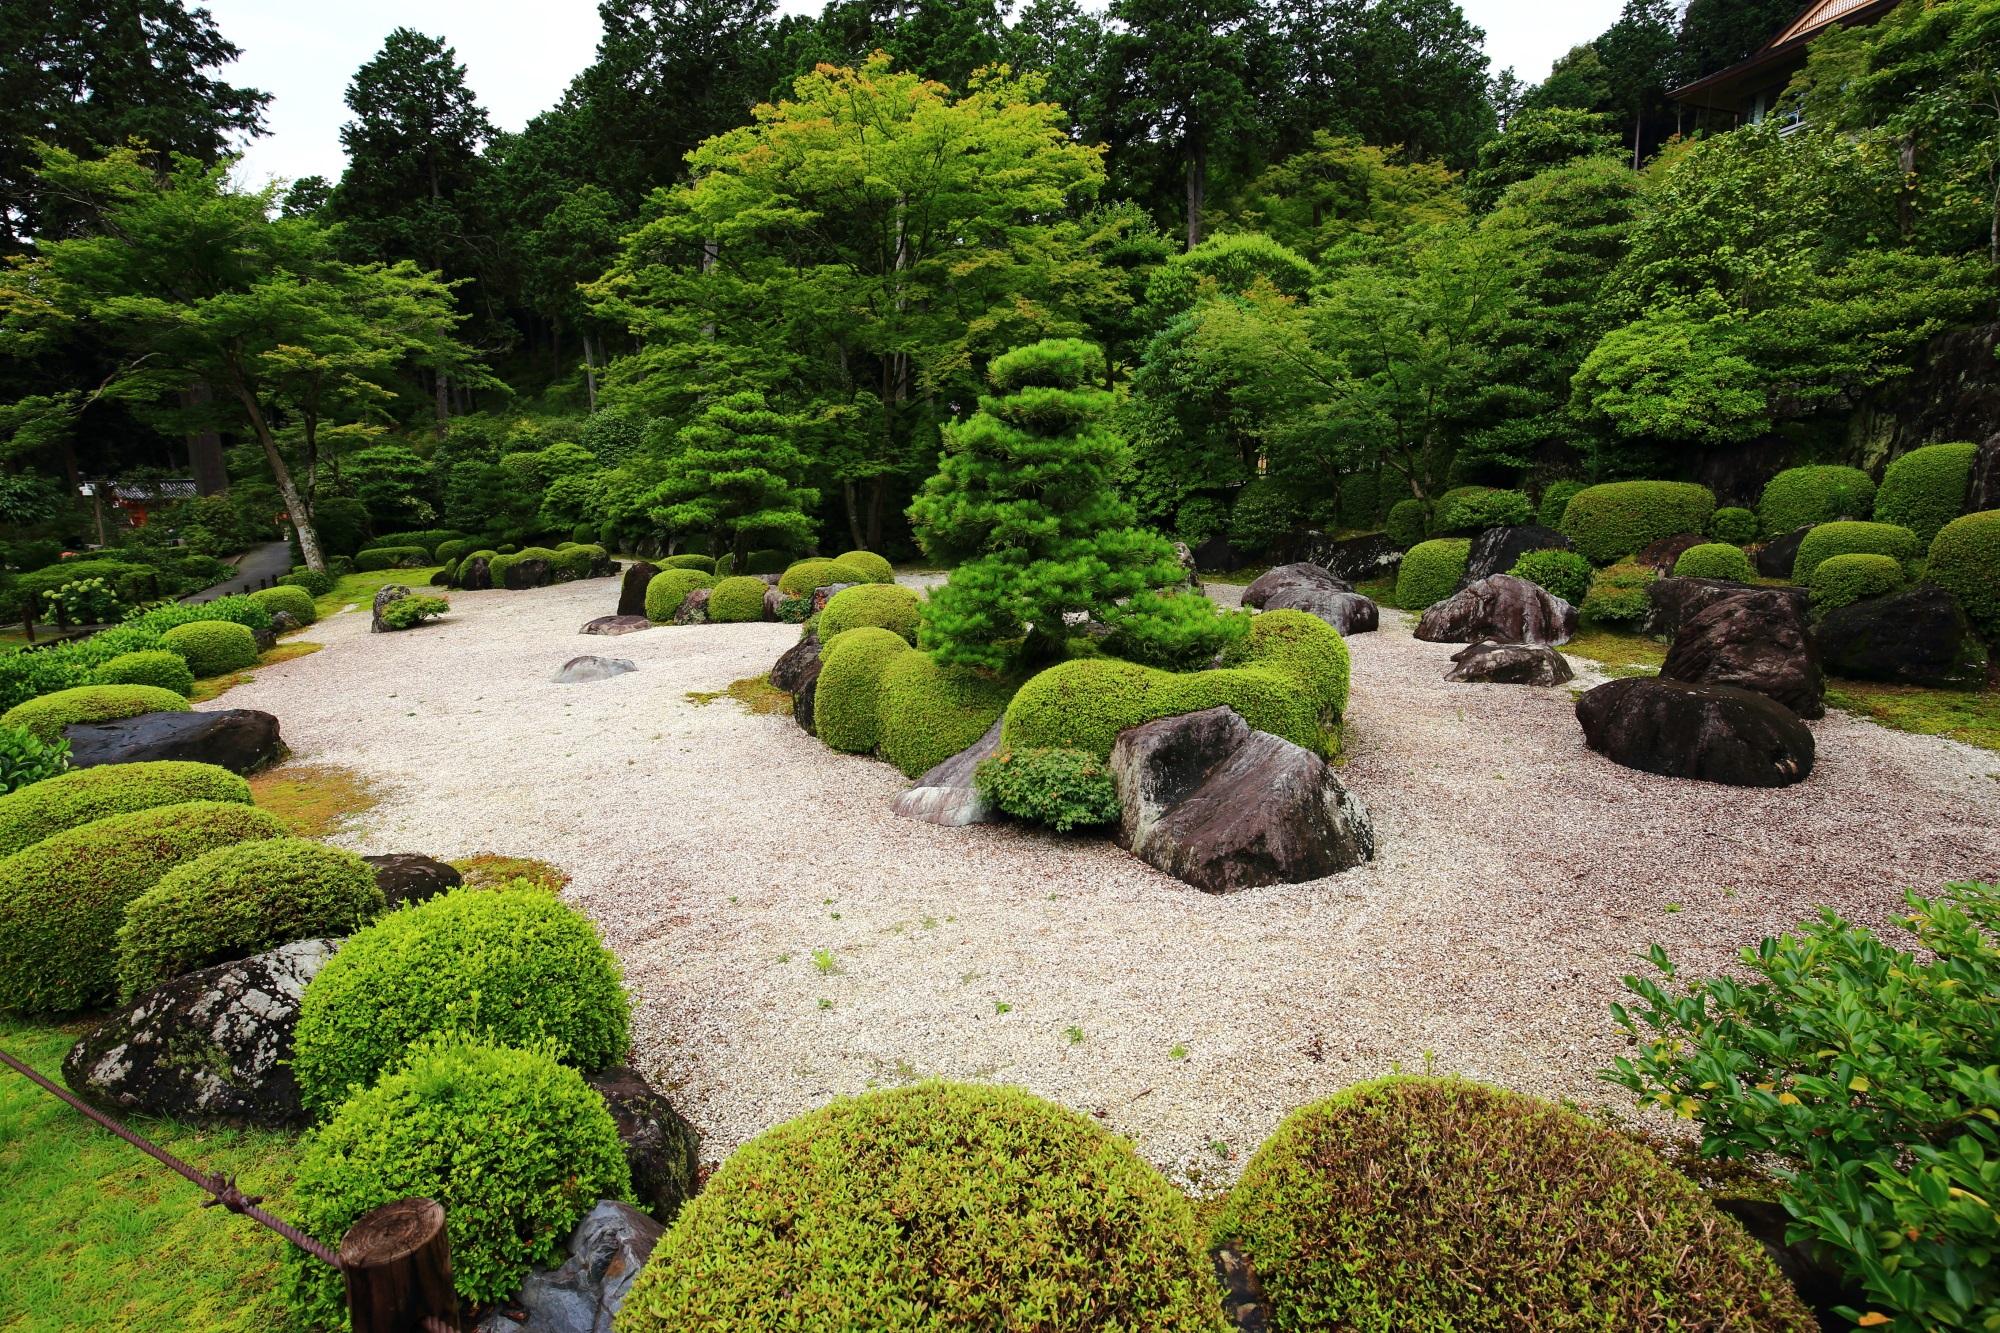 上品さと風情の感じられる三室戸寺の見事な枯山水庭園